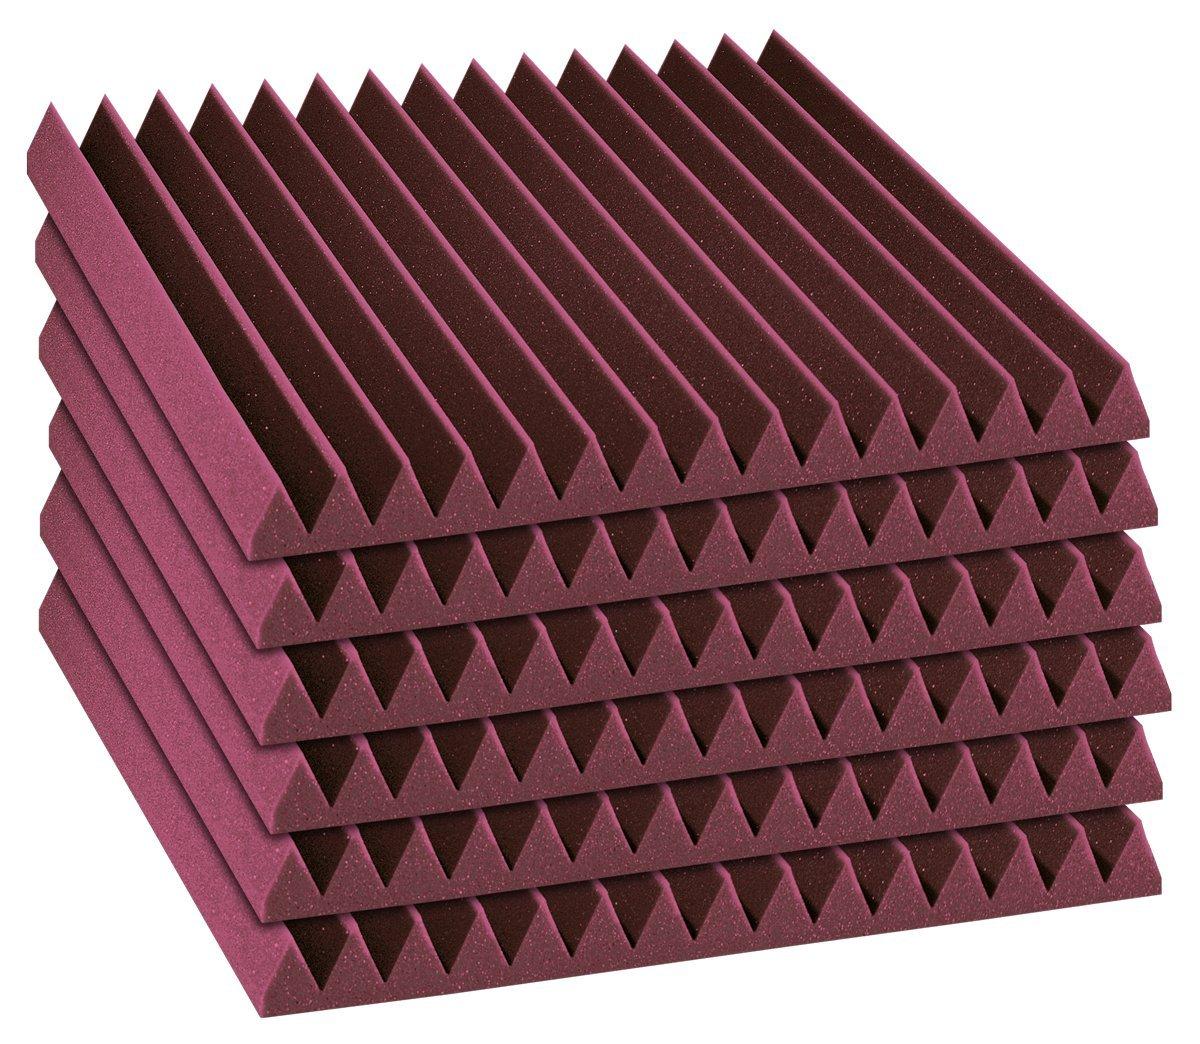 DST114PUR24 Auralex Acoustics Sound Damping Products Purple 2 x 12 x 12